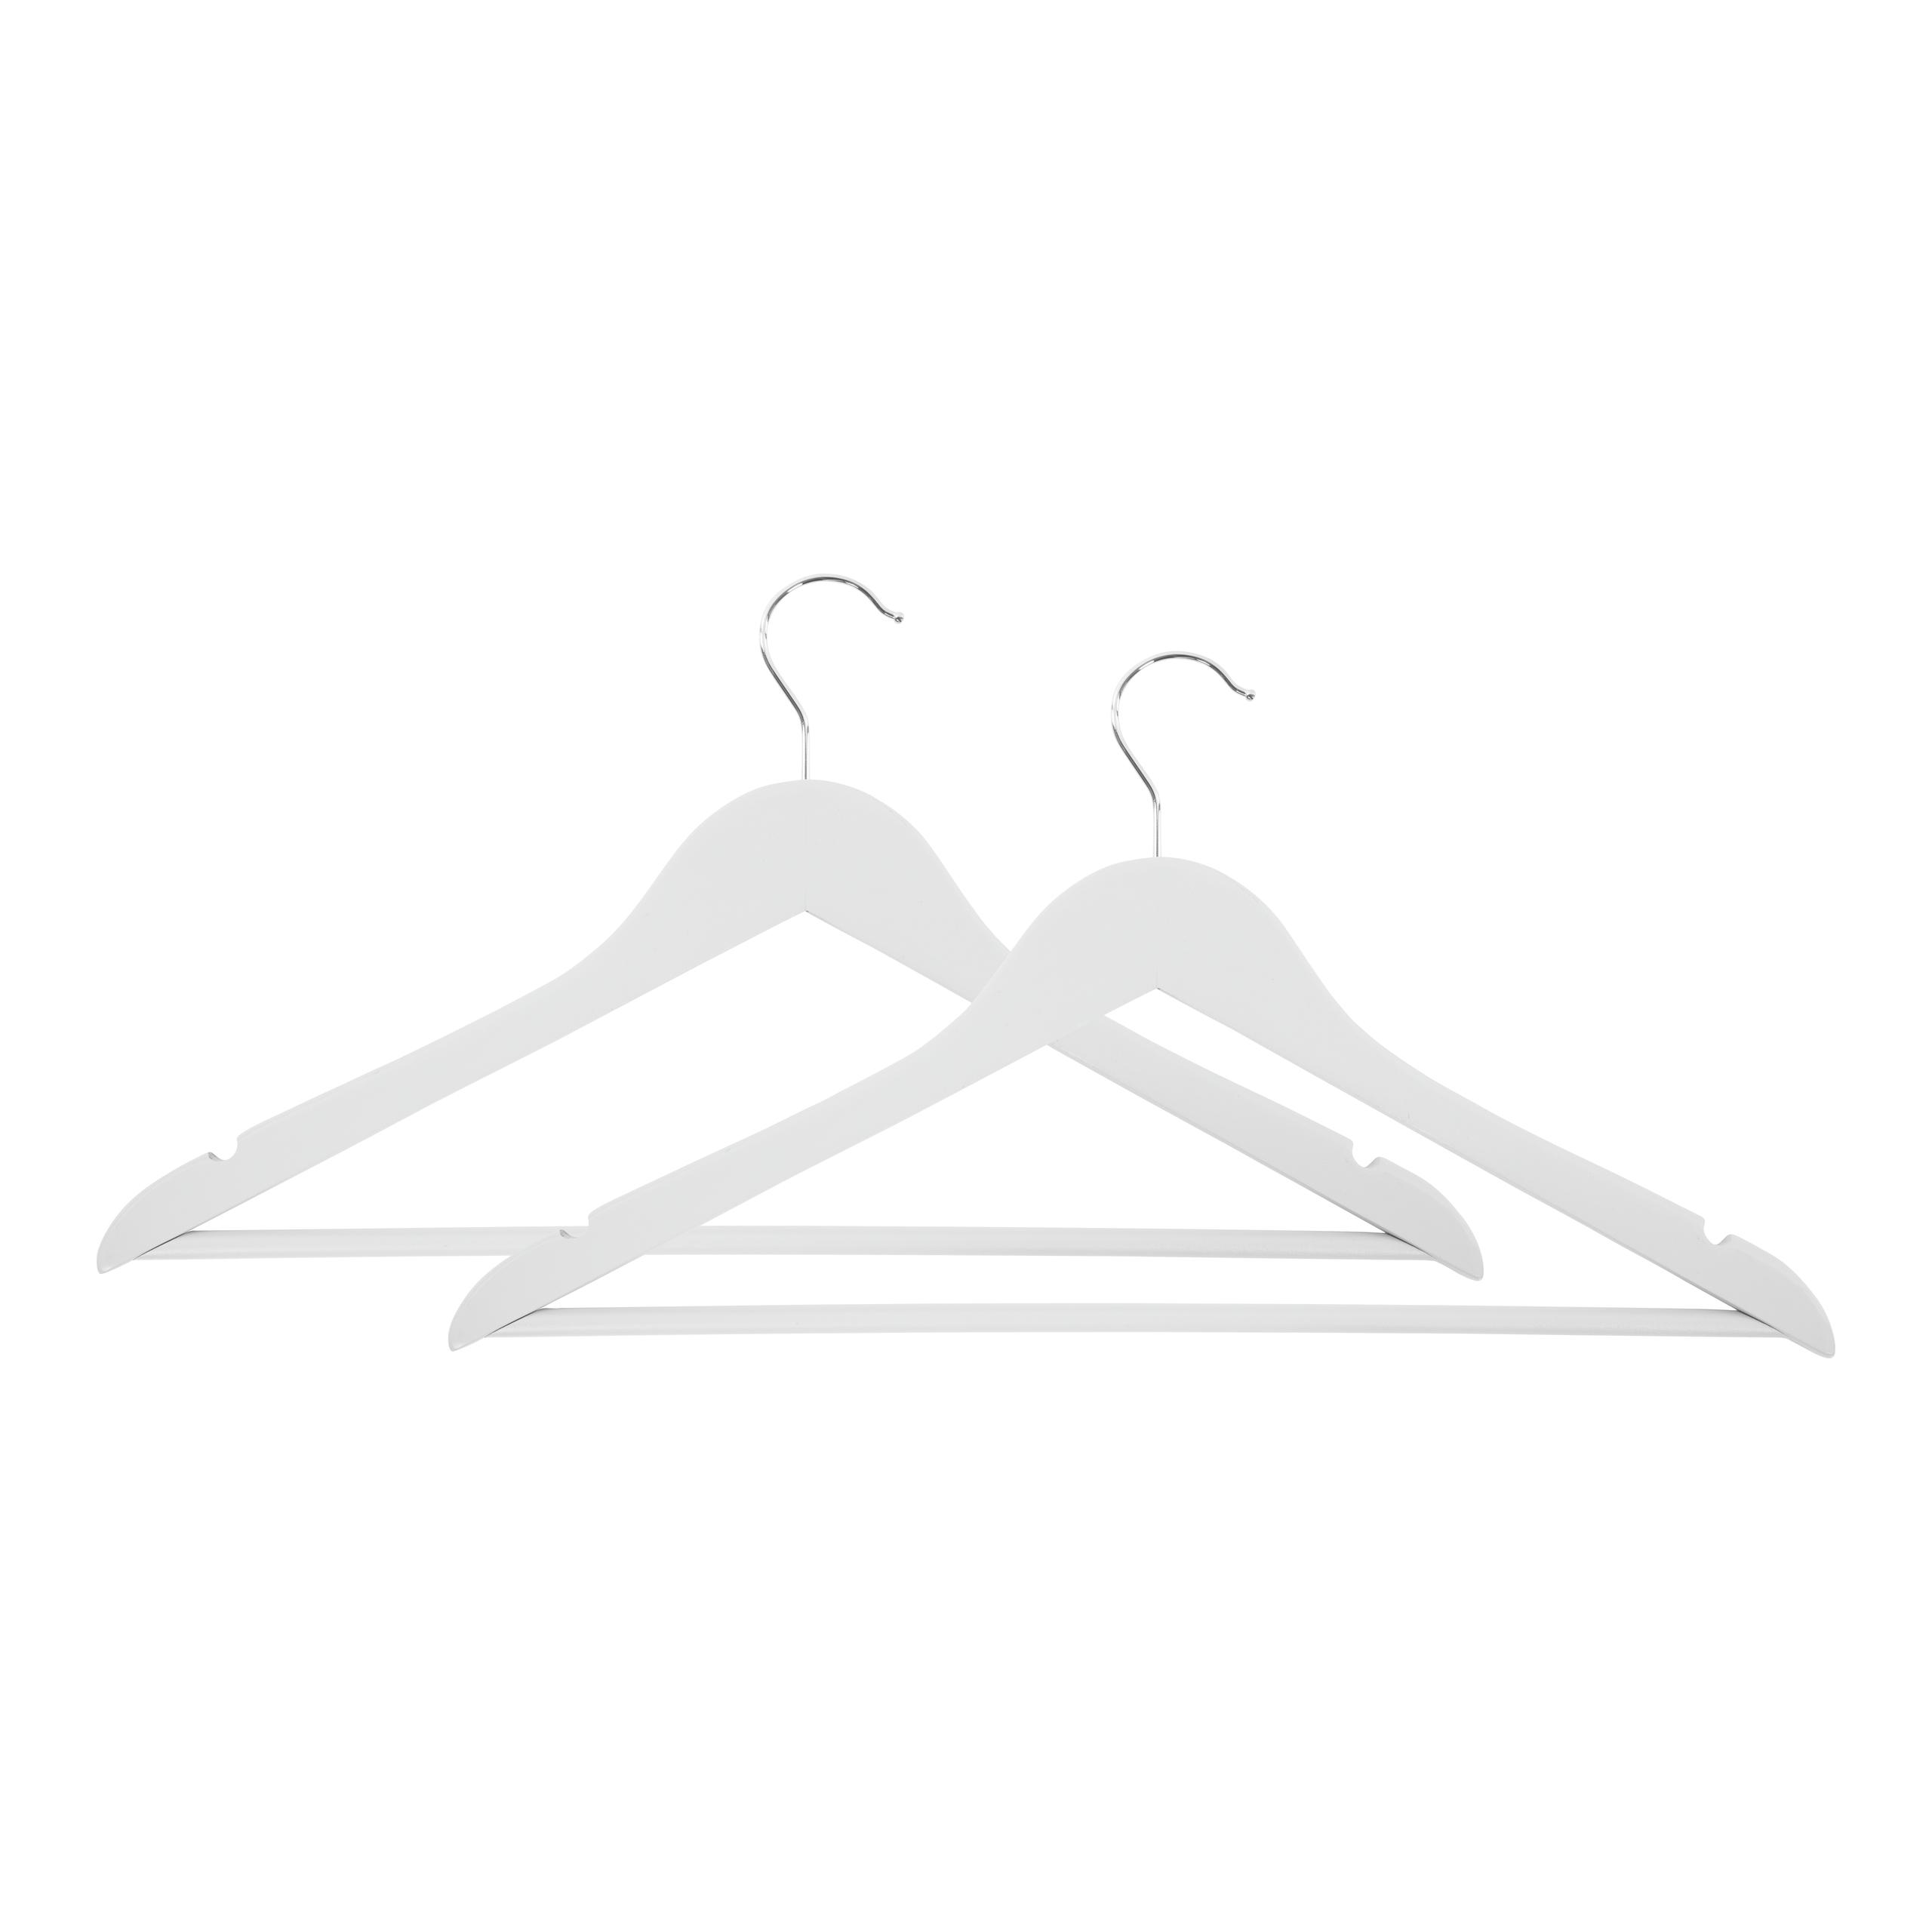 KLESHENGERE 3PK HVITMALT TRE-KLE515